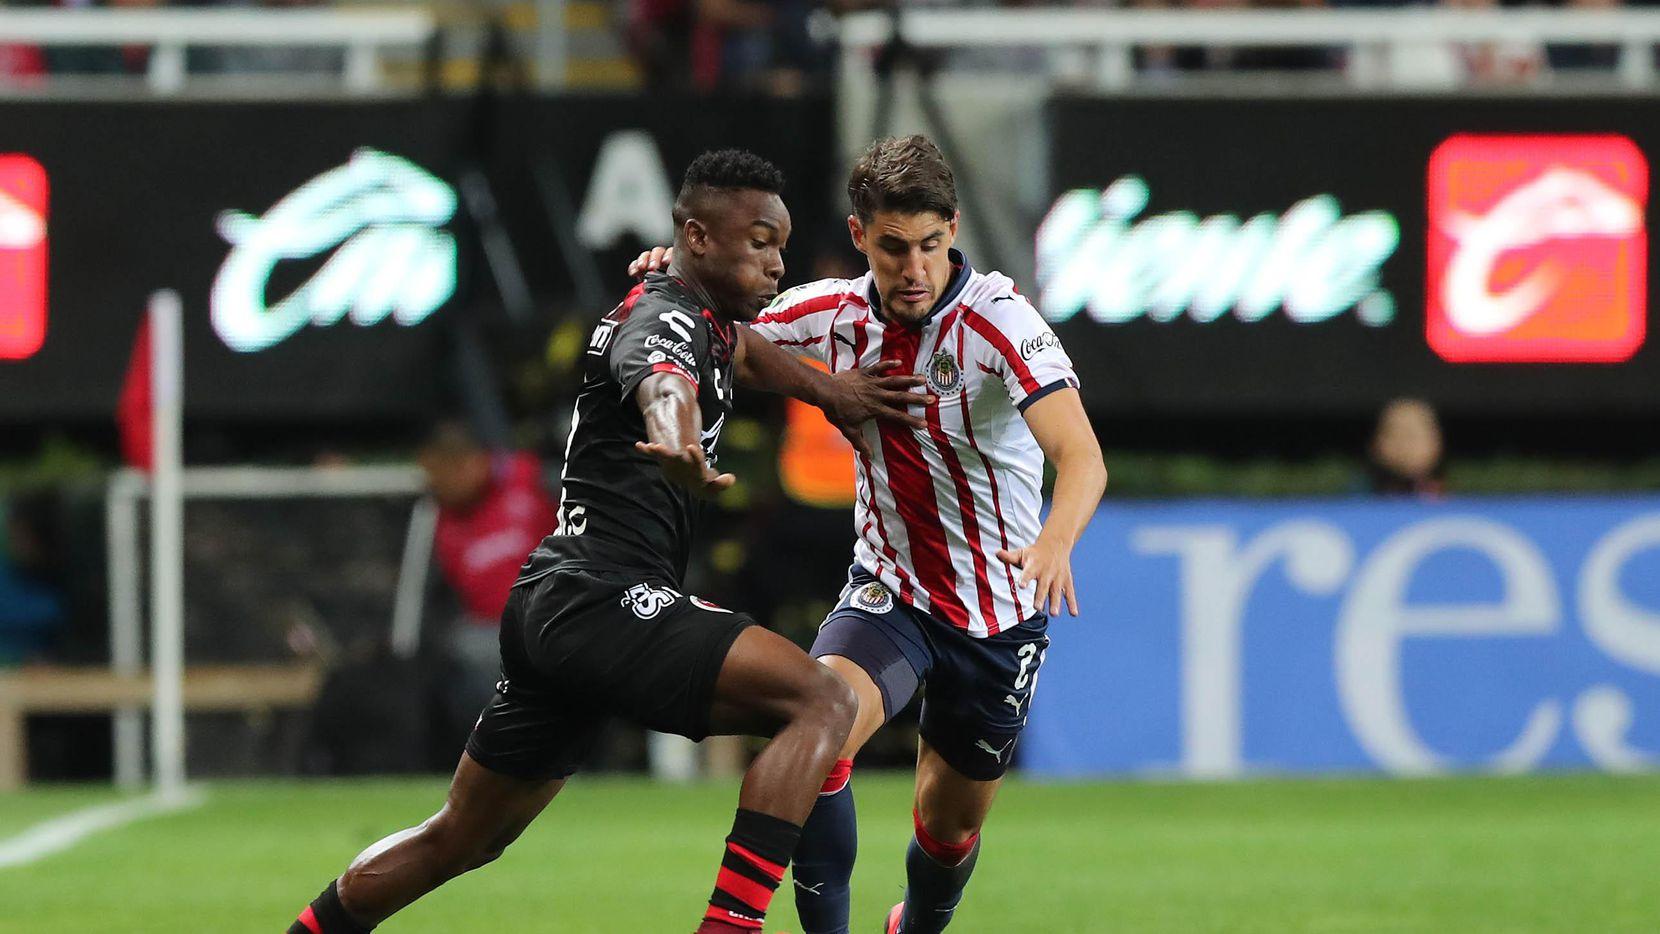 Fabián Castillo (izq.), ex jugador del FC Dallas, es el número 10 de Xolos, dirigido por Óscar Pareja. (Getty Images/Refugio Ruiz)